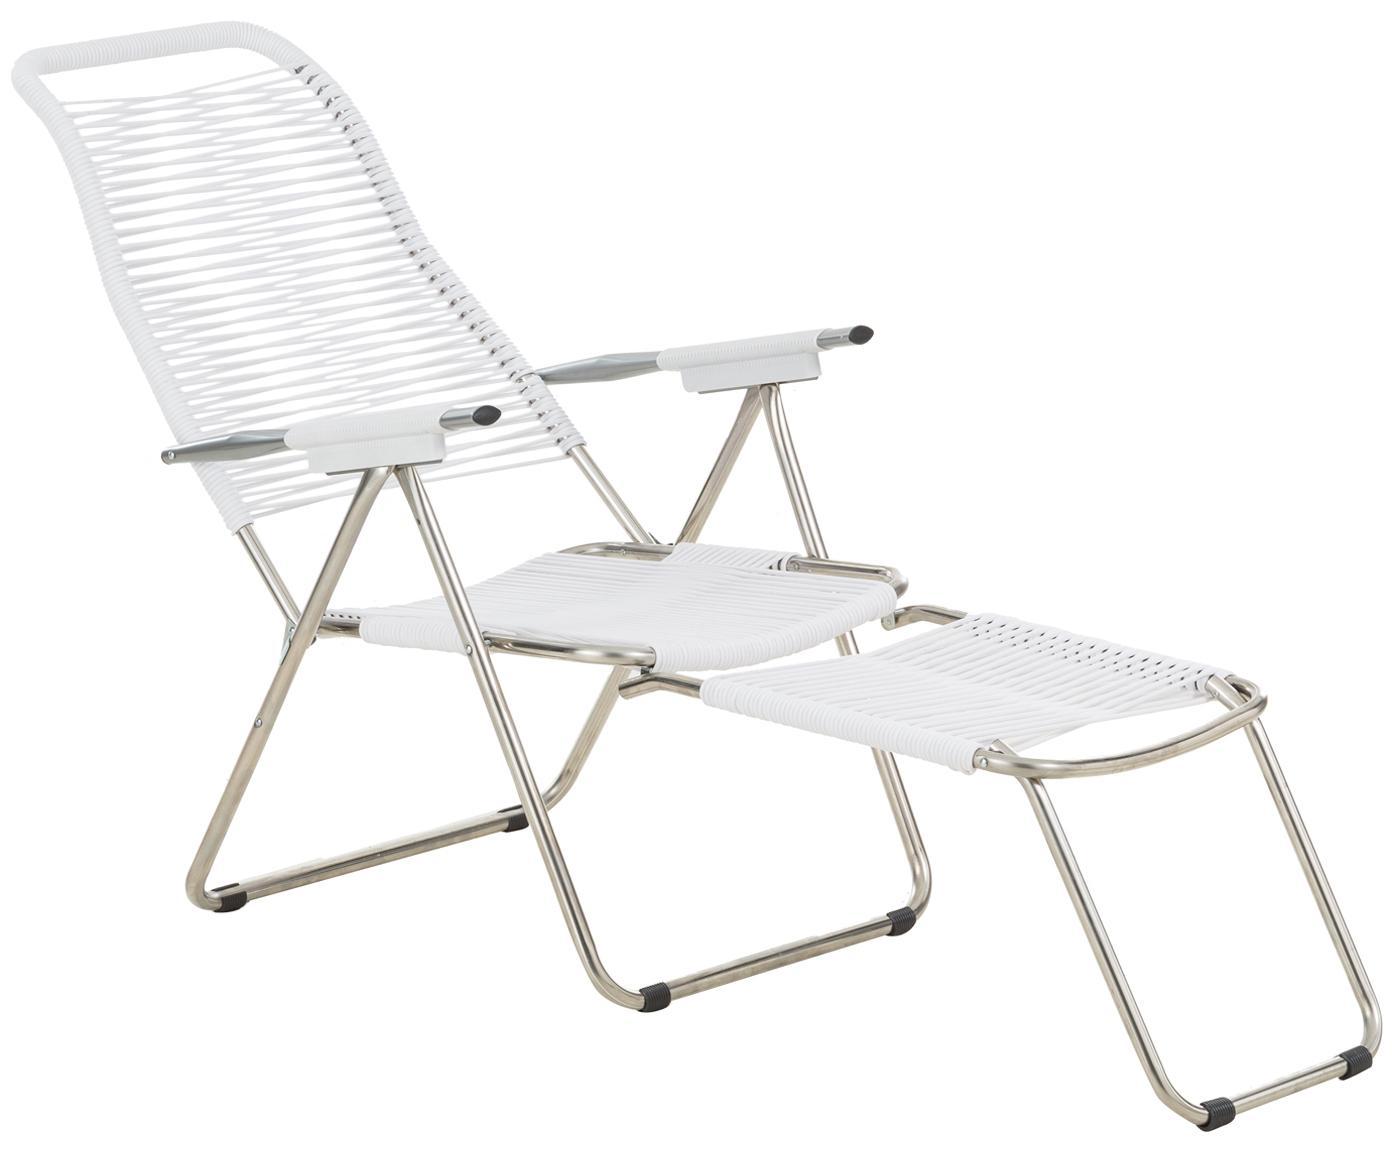 Sedia a sdraio con poggiapiedi Spaghetti, Struttura: alluminio, Rivestimento: nastro di cloruro di poli, Bianco, Larg. 60 x Prof. 48 cm